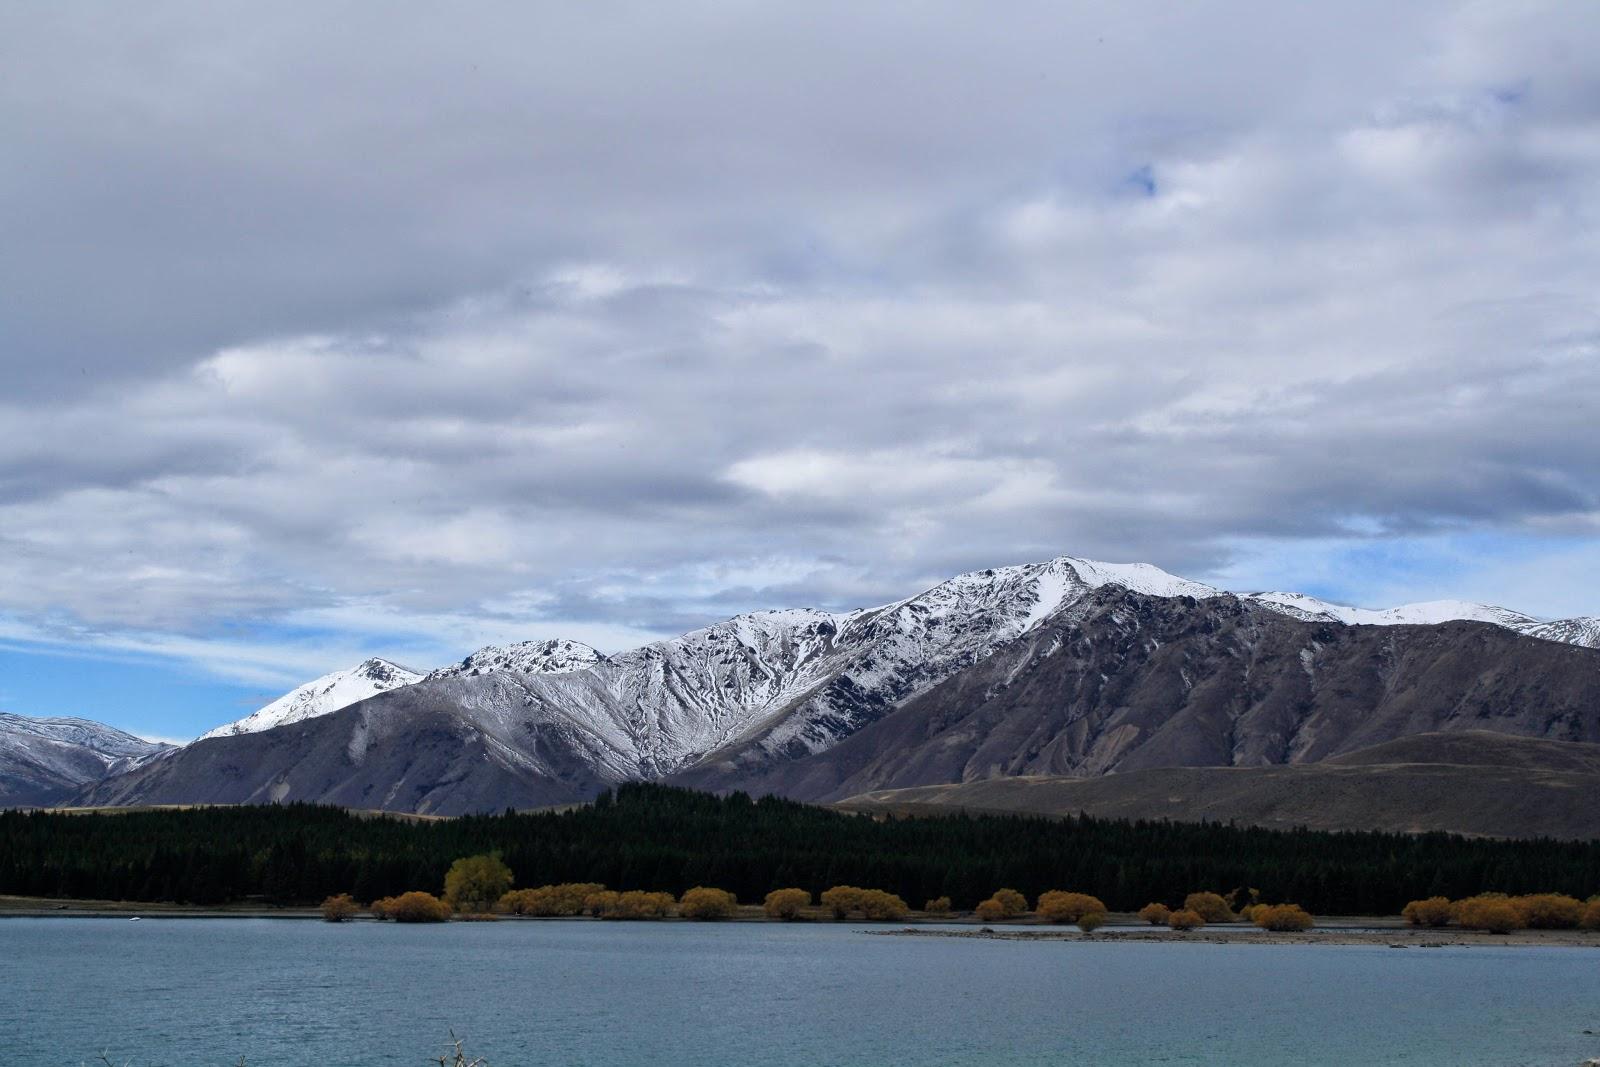 Lake Tekapo, with some mountains.